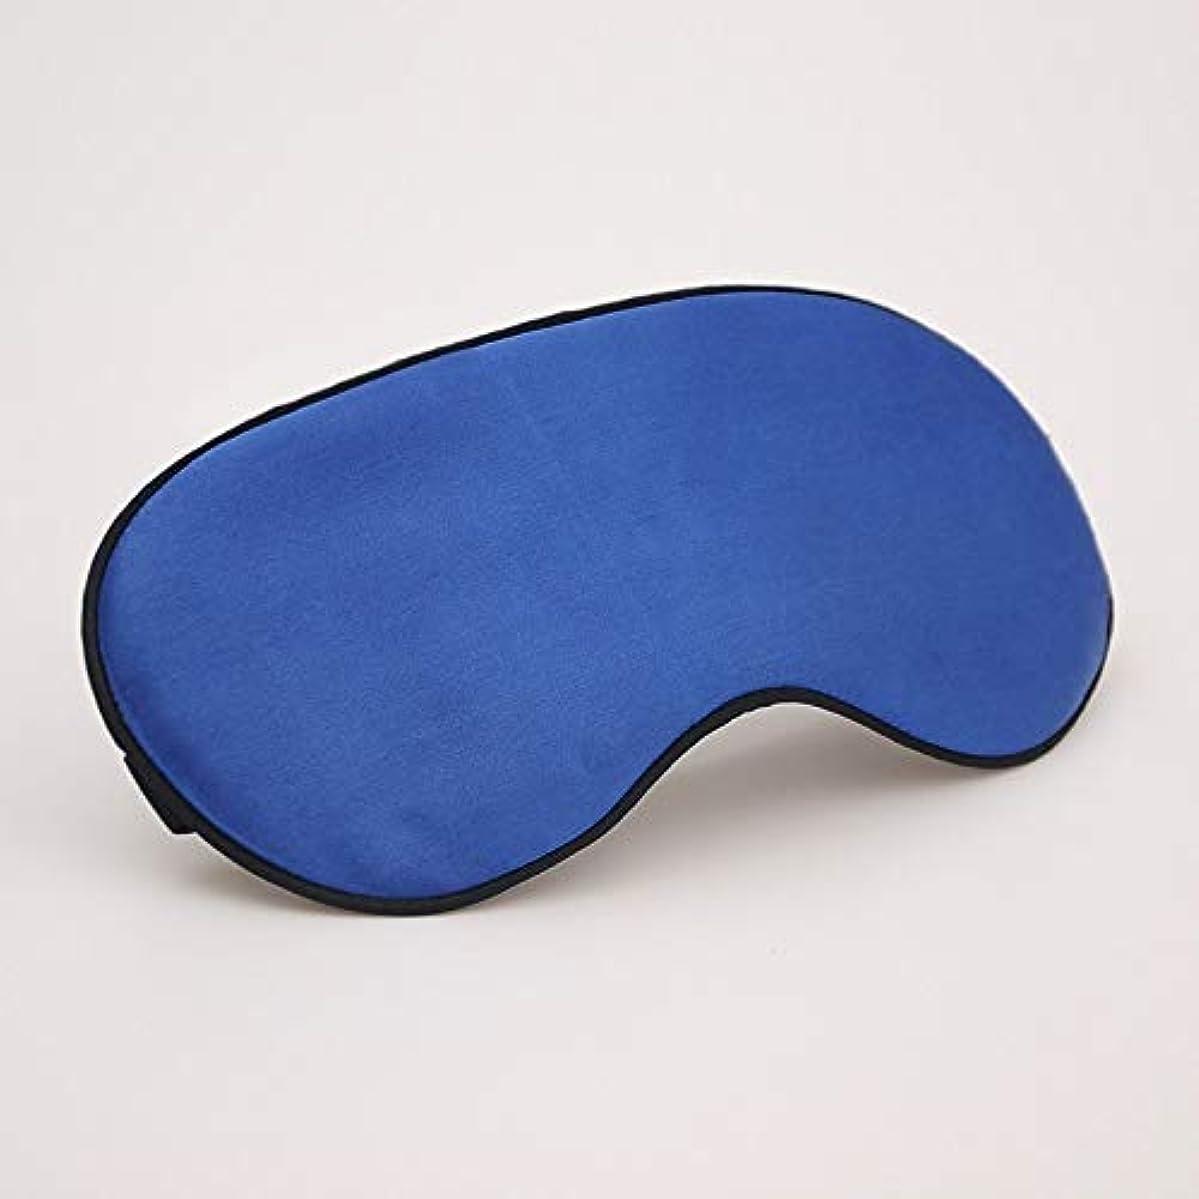 編集者固執不定NOTE シルク睡眠マスク目隠しソフトで快適な睡眠アイマスク休息補助ソフトカバーアイパッチアイシェード睡眠マスクドロップシッピング